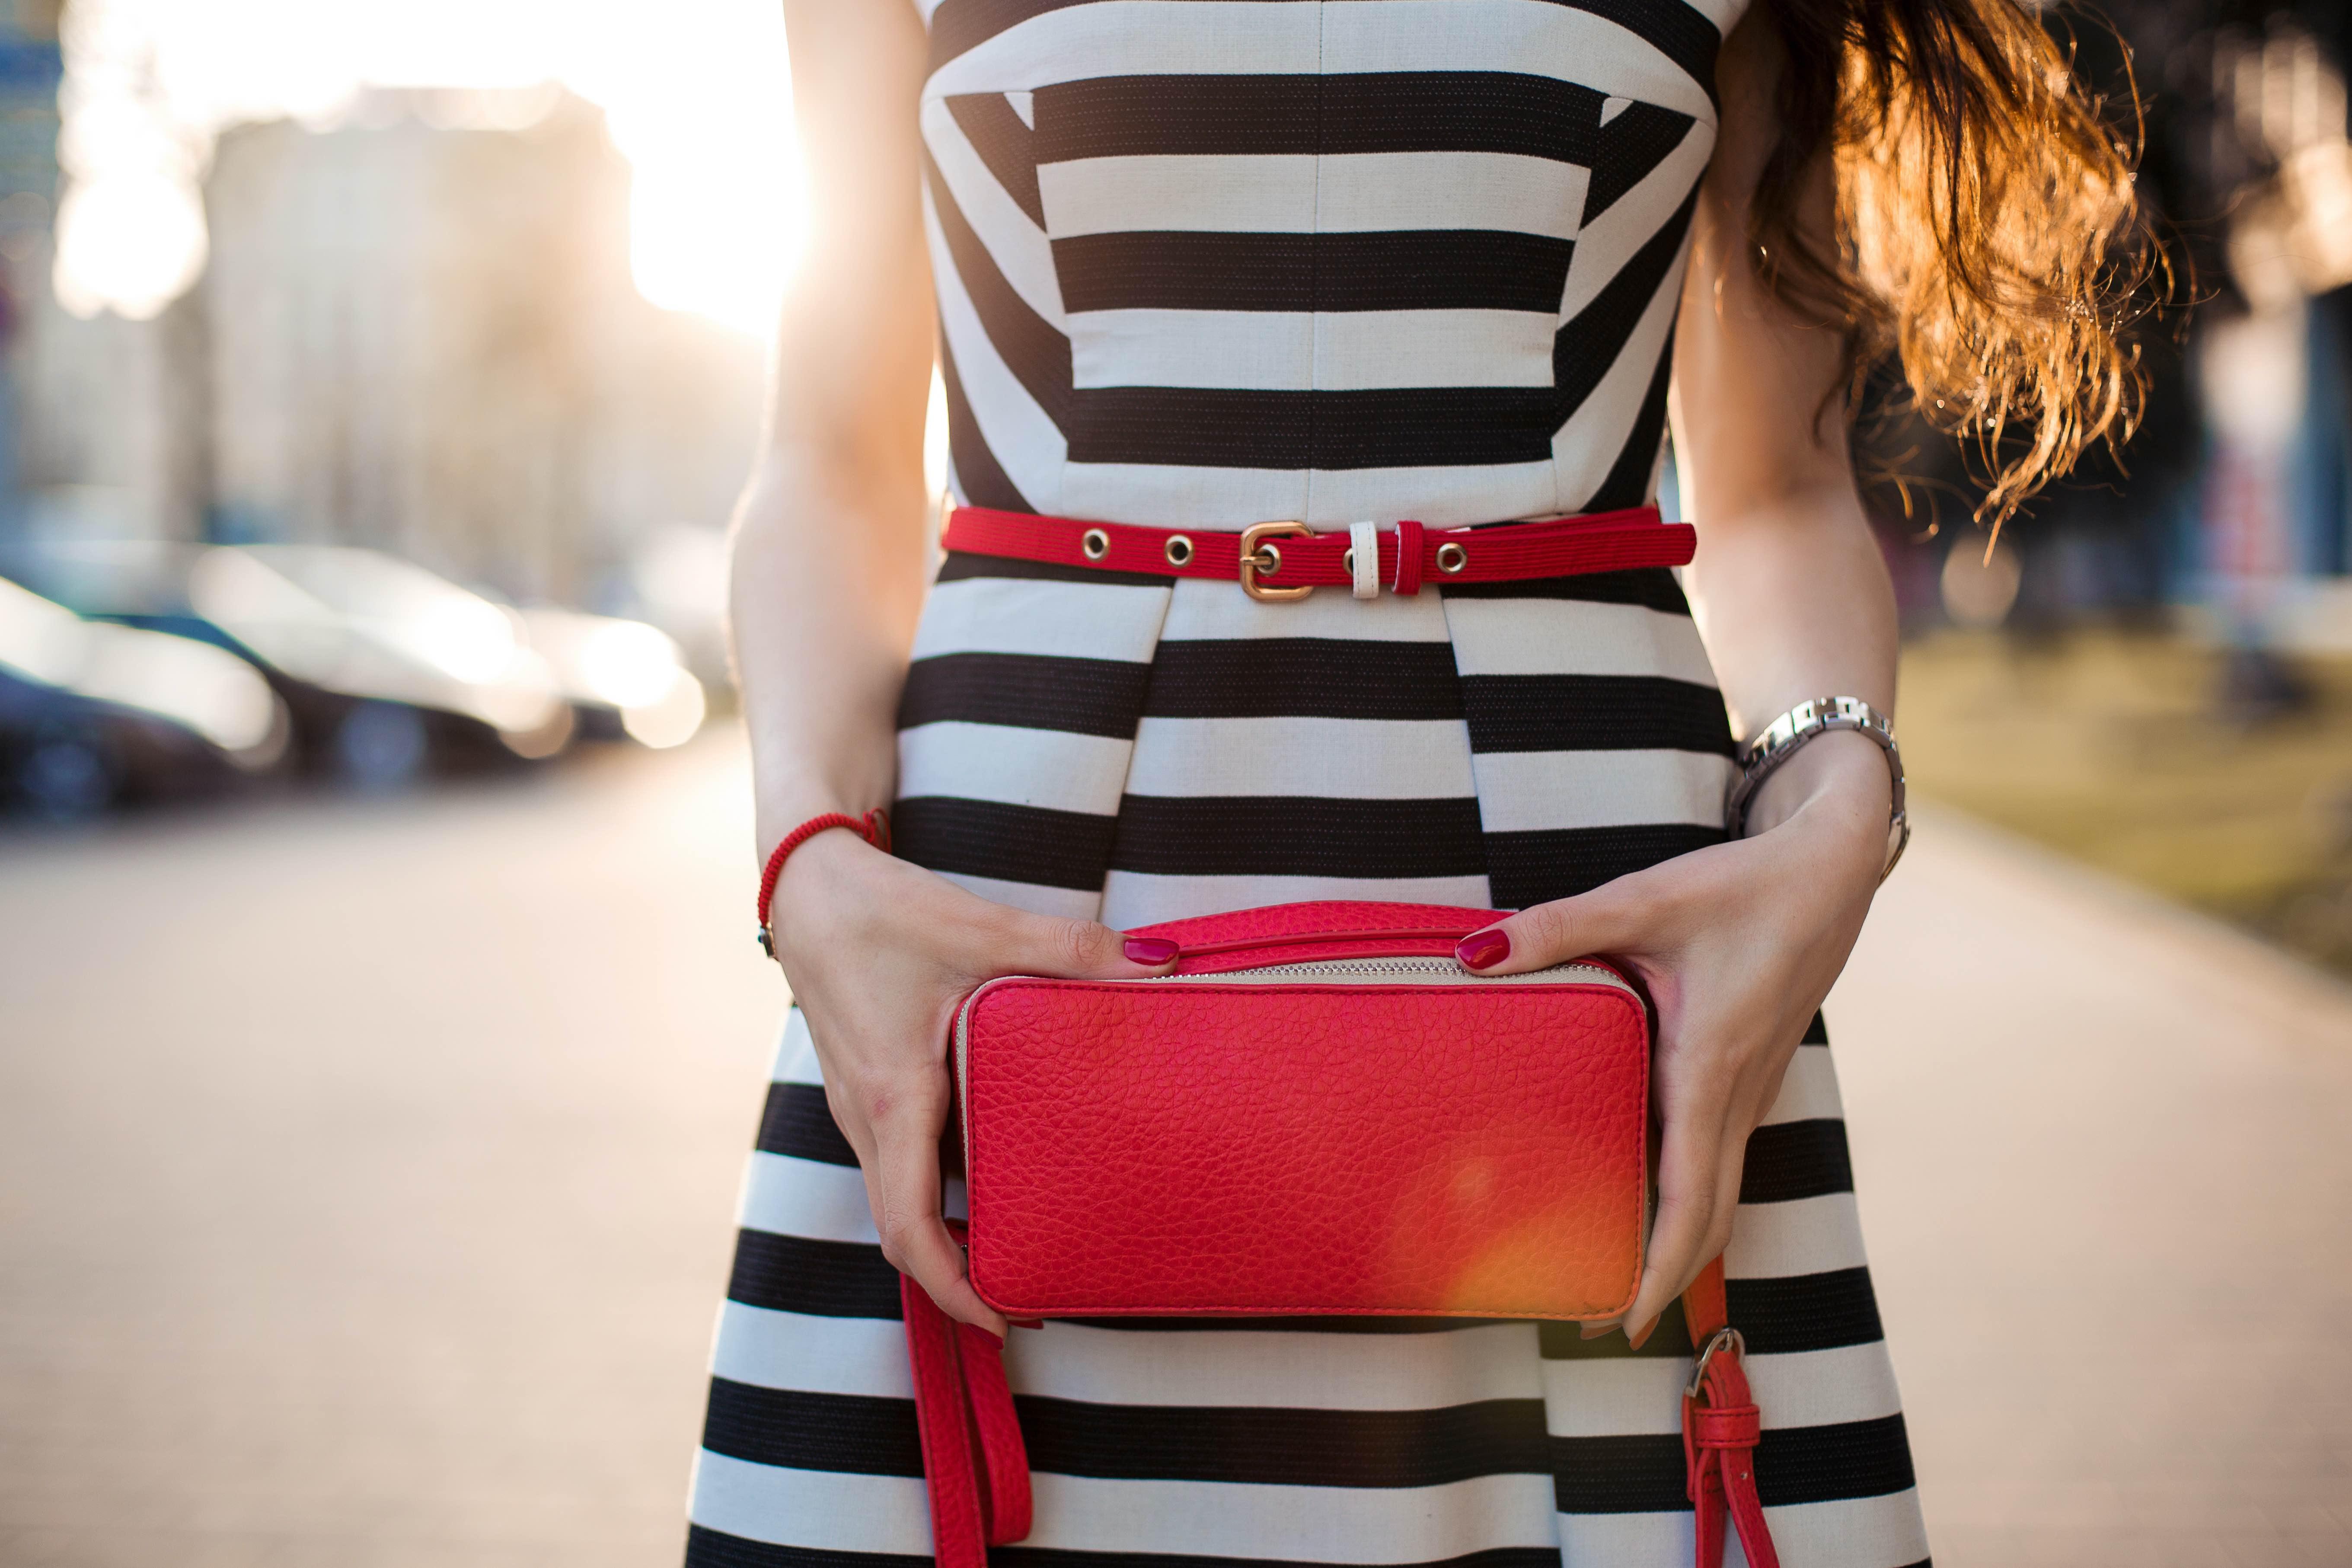 El secreto de los bolsos femeninos imagen